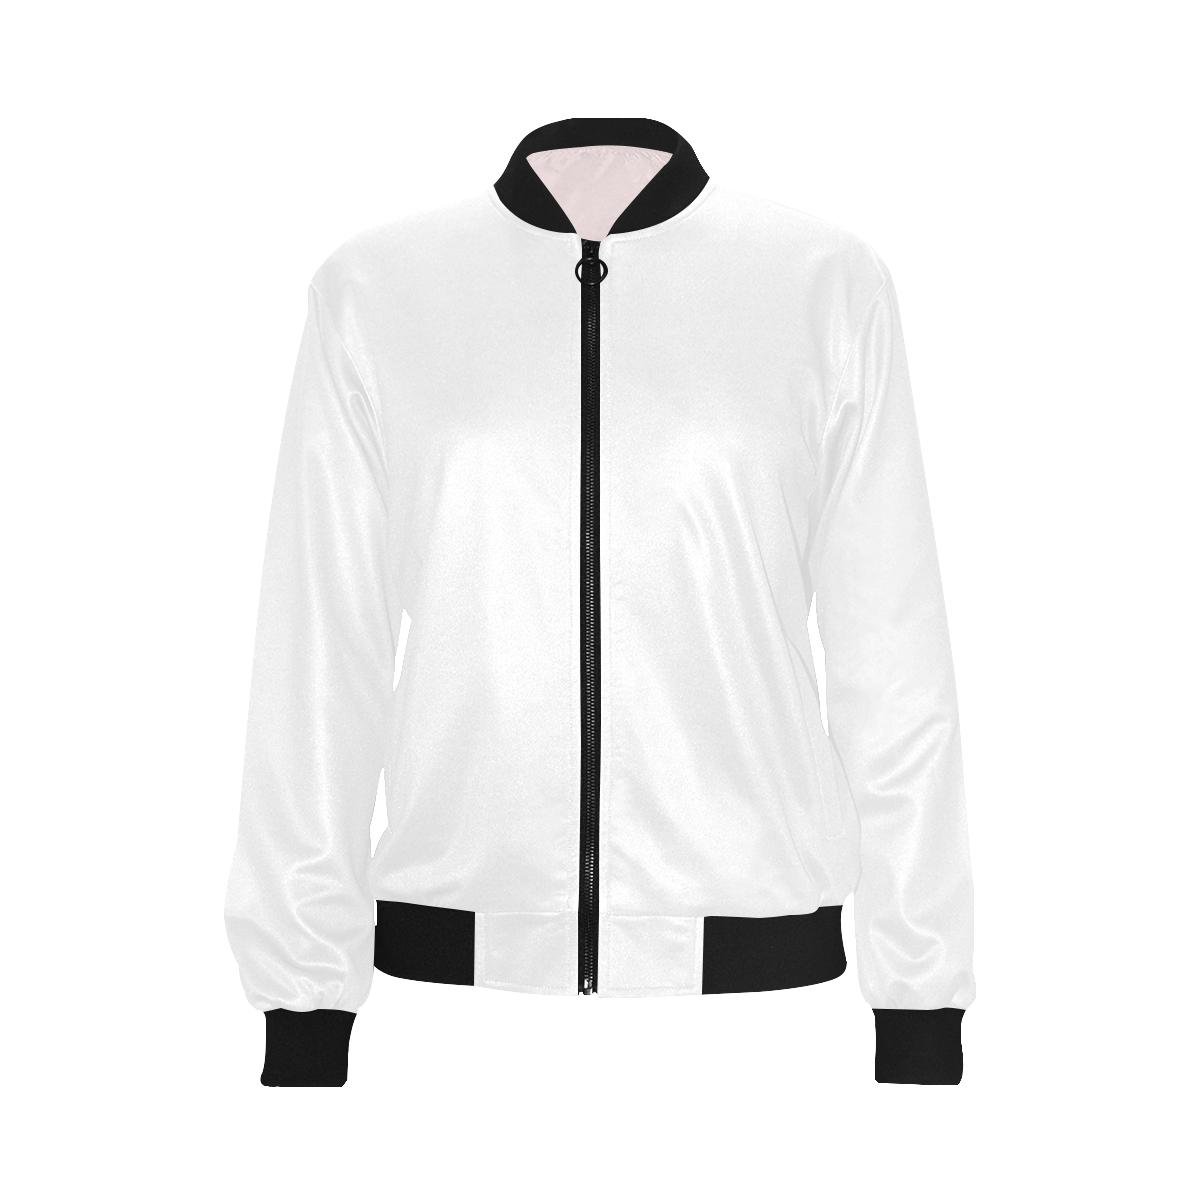 All Over Print Bomber Jacket for Women (Model H36)